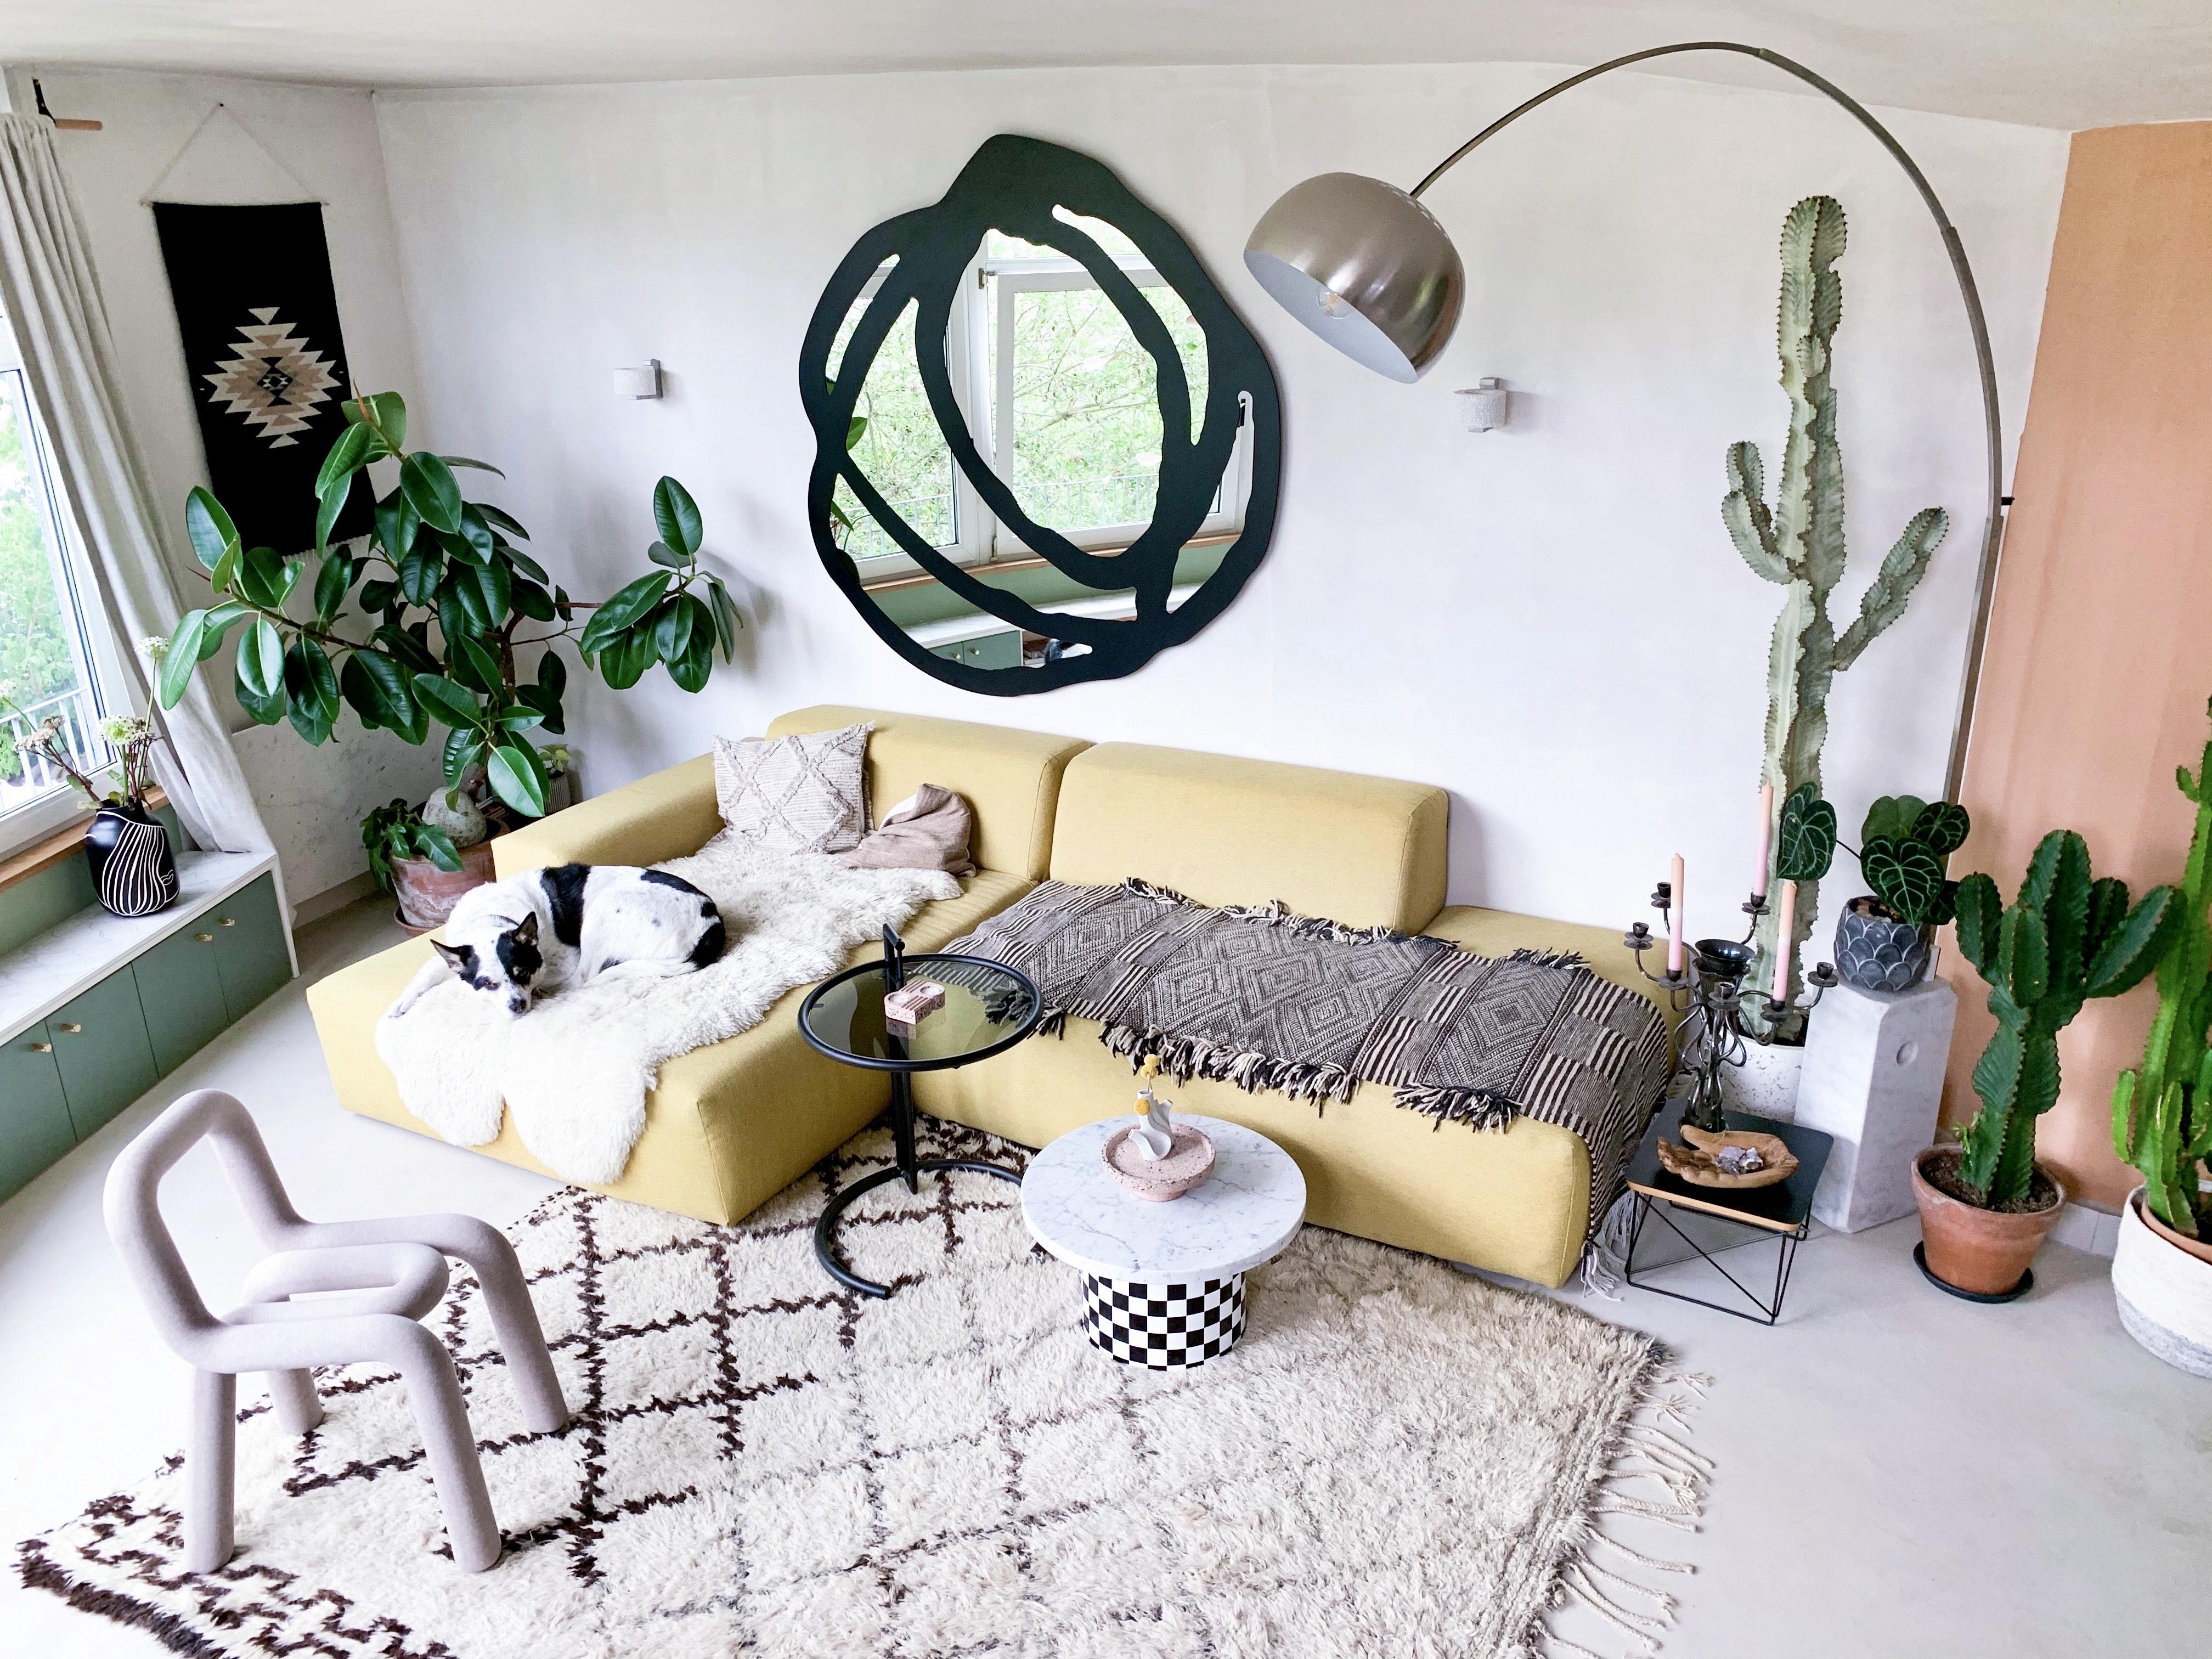 Ein architektonisch außergewöhnliches Zuhause, zeigt uns Mia in ihrer Homestory. Viele weitere Inspirationen und Wohnideen findest du auch bei desmondo